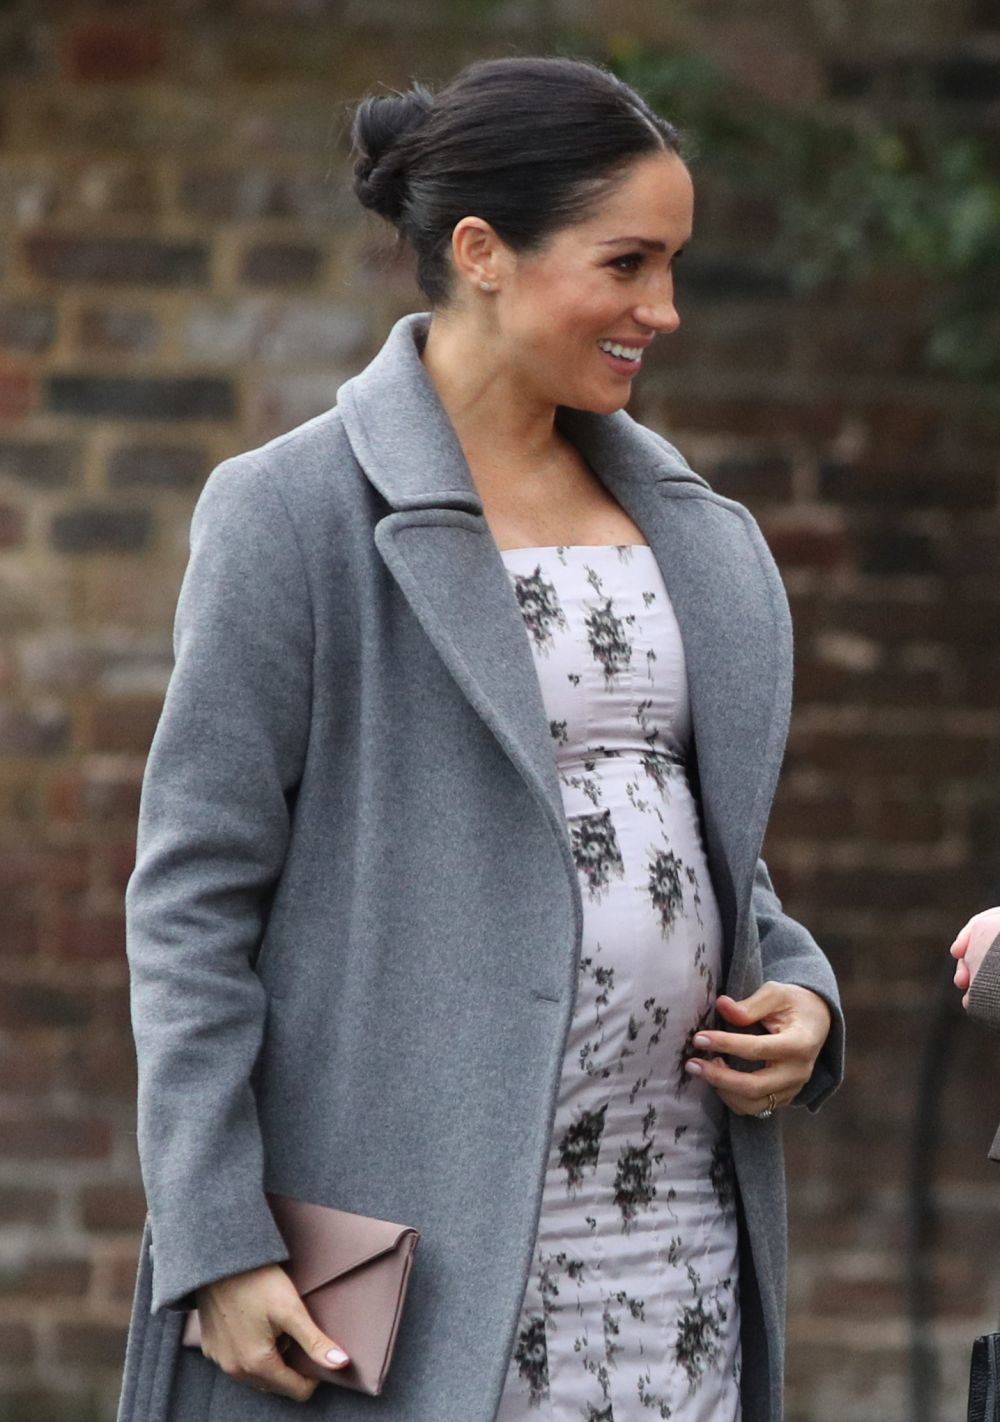 La Duquesa de Sussex ha lucido su embarazo con un ce